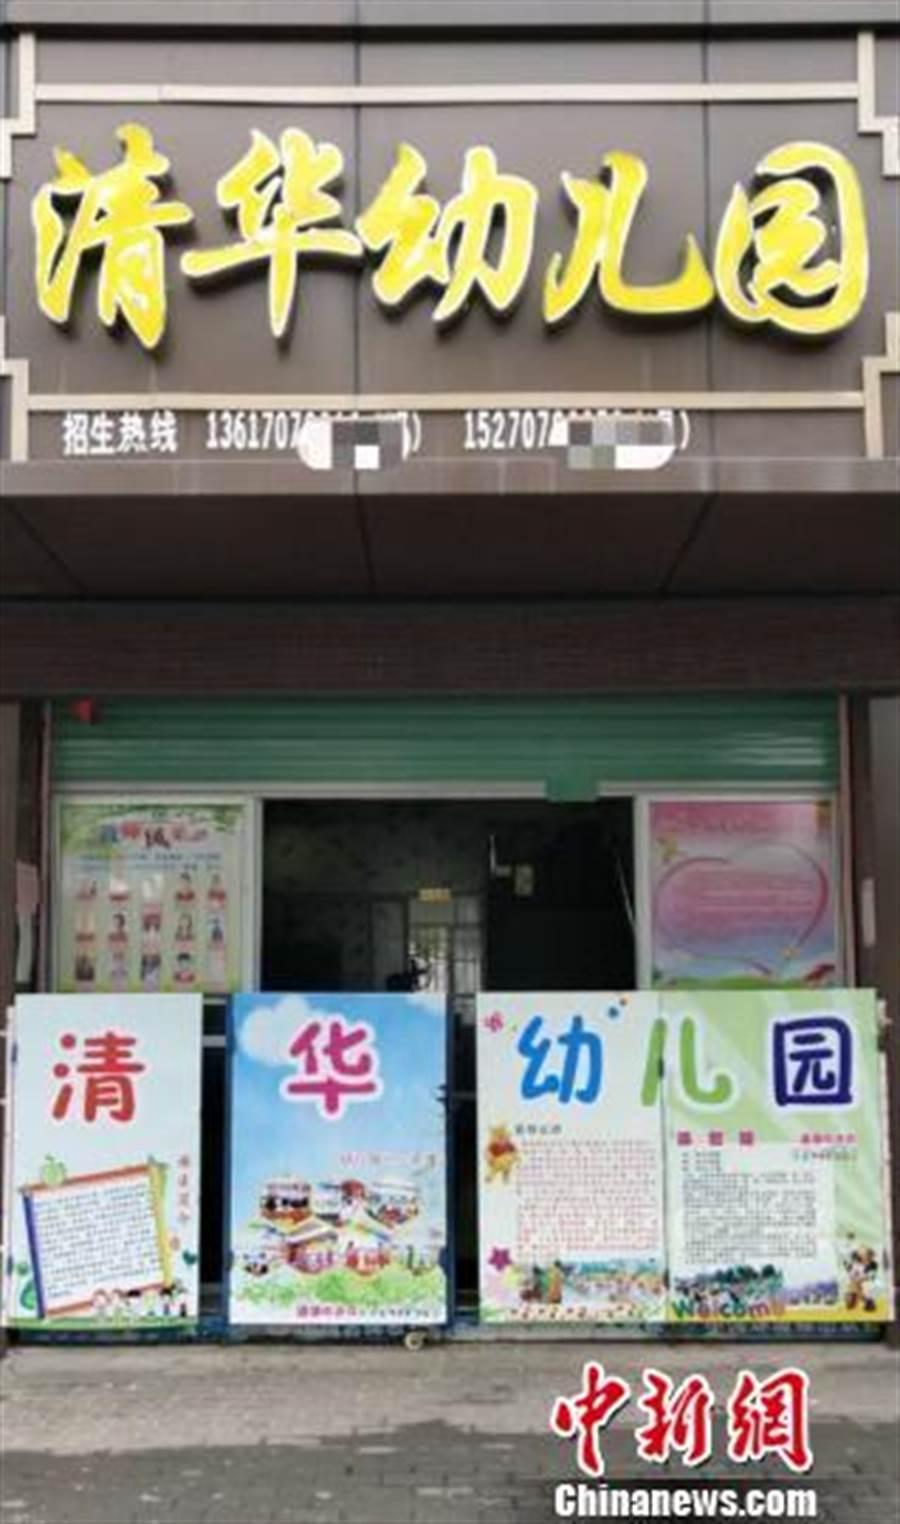 位於江西省石城縣琴江鎮恆豐路的「清華幼兒園」。(取自中新網)